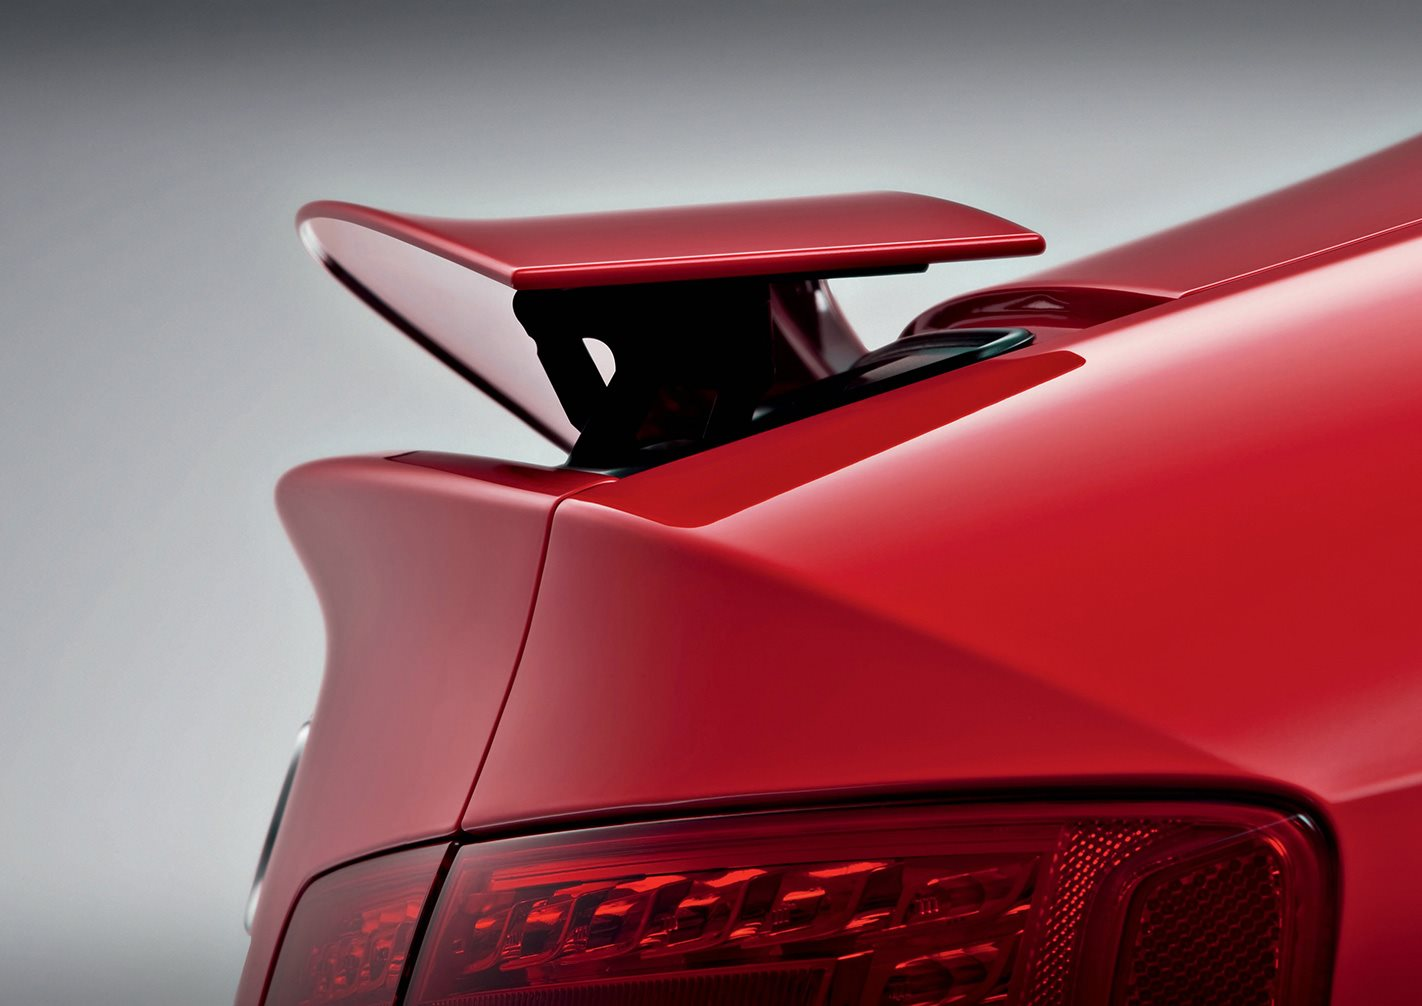 2010 Audi RS5 spoilers